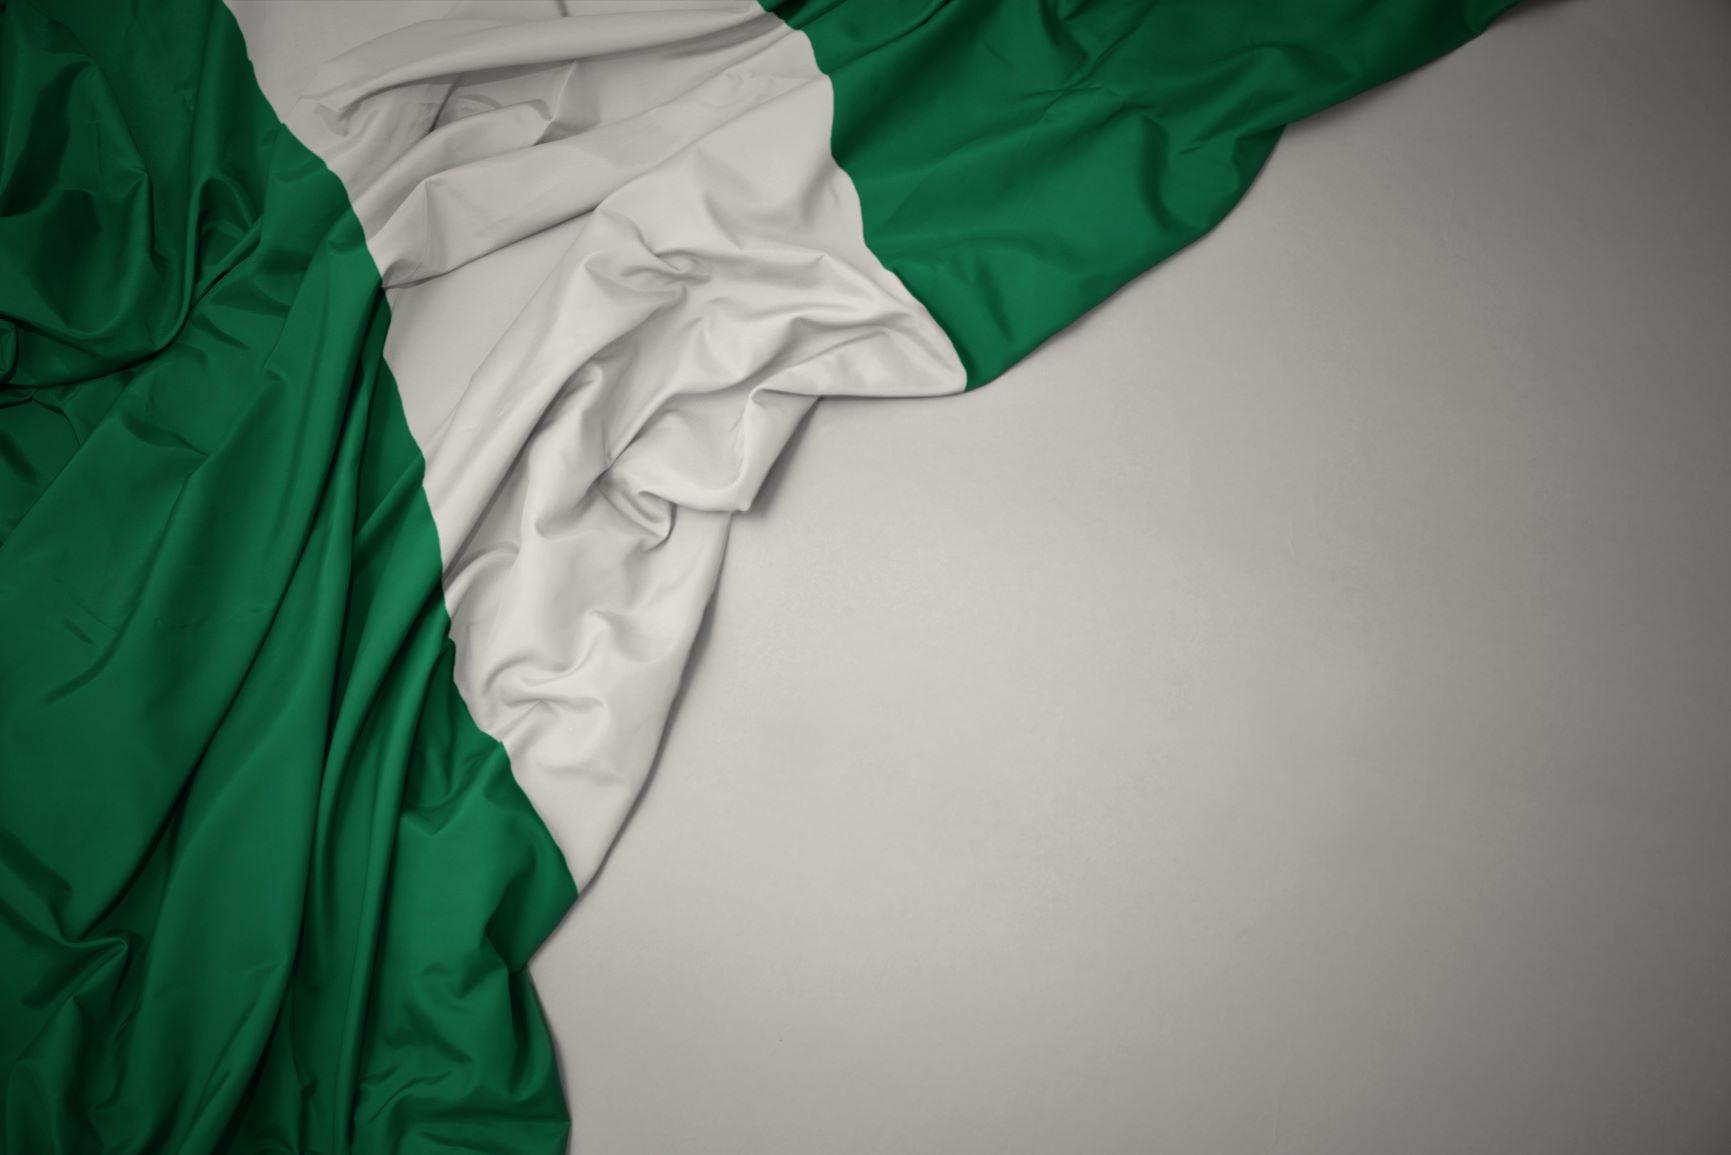 Nigeria banks' asset-quality risks recede